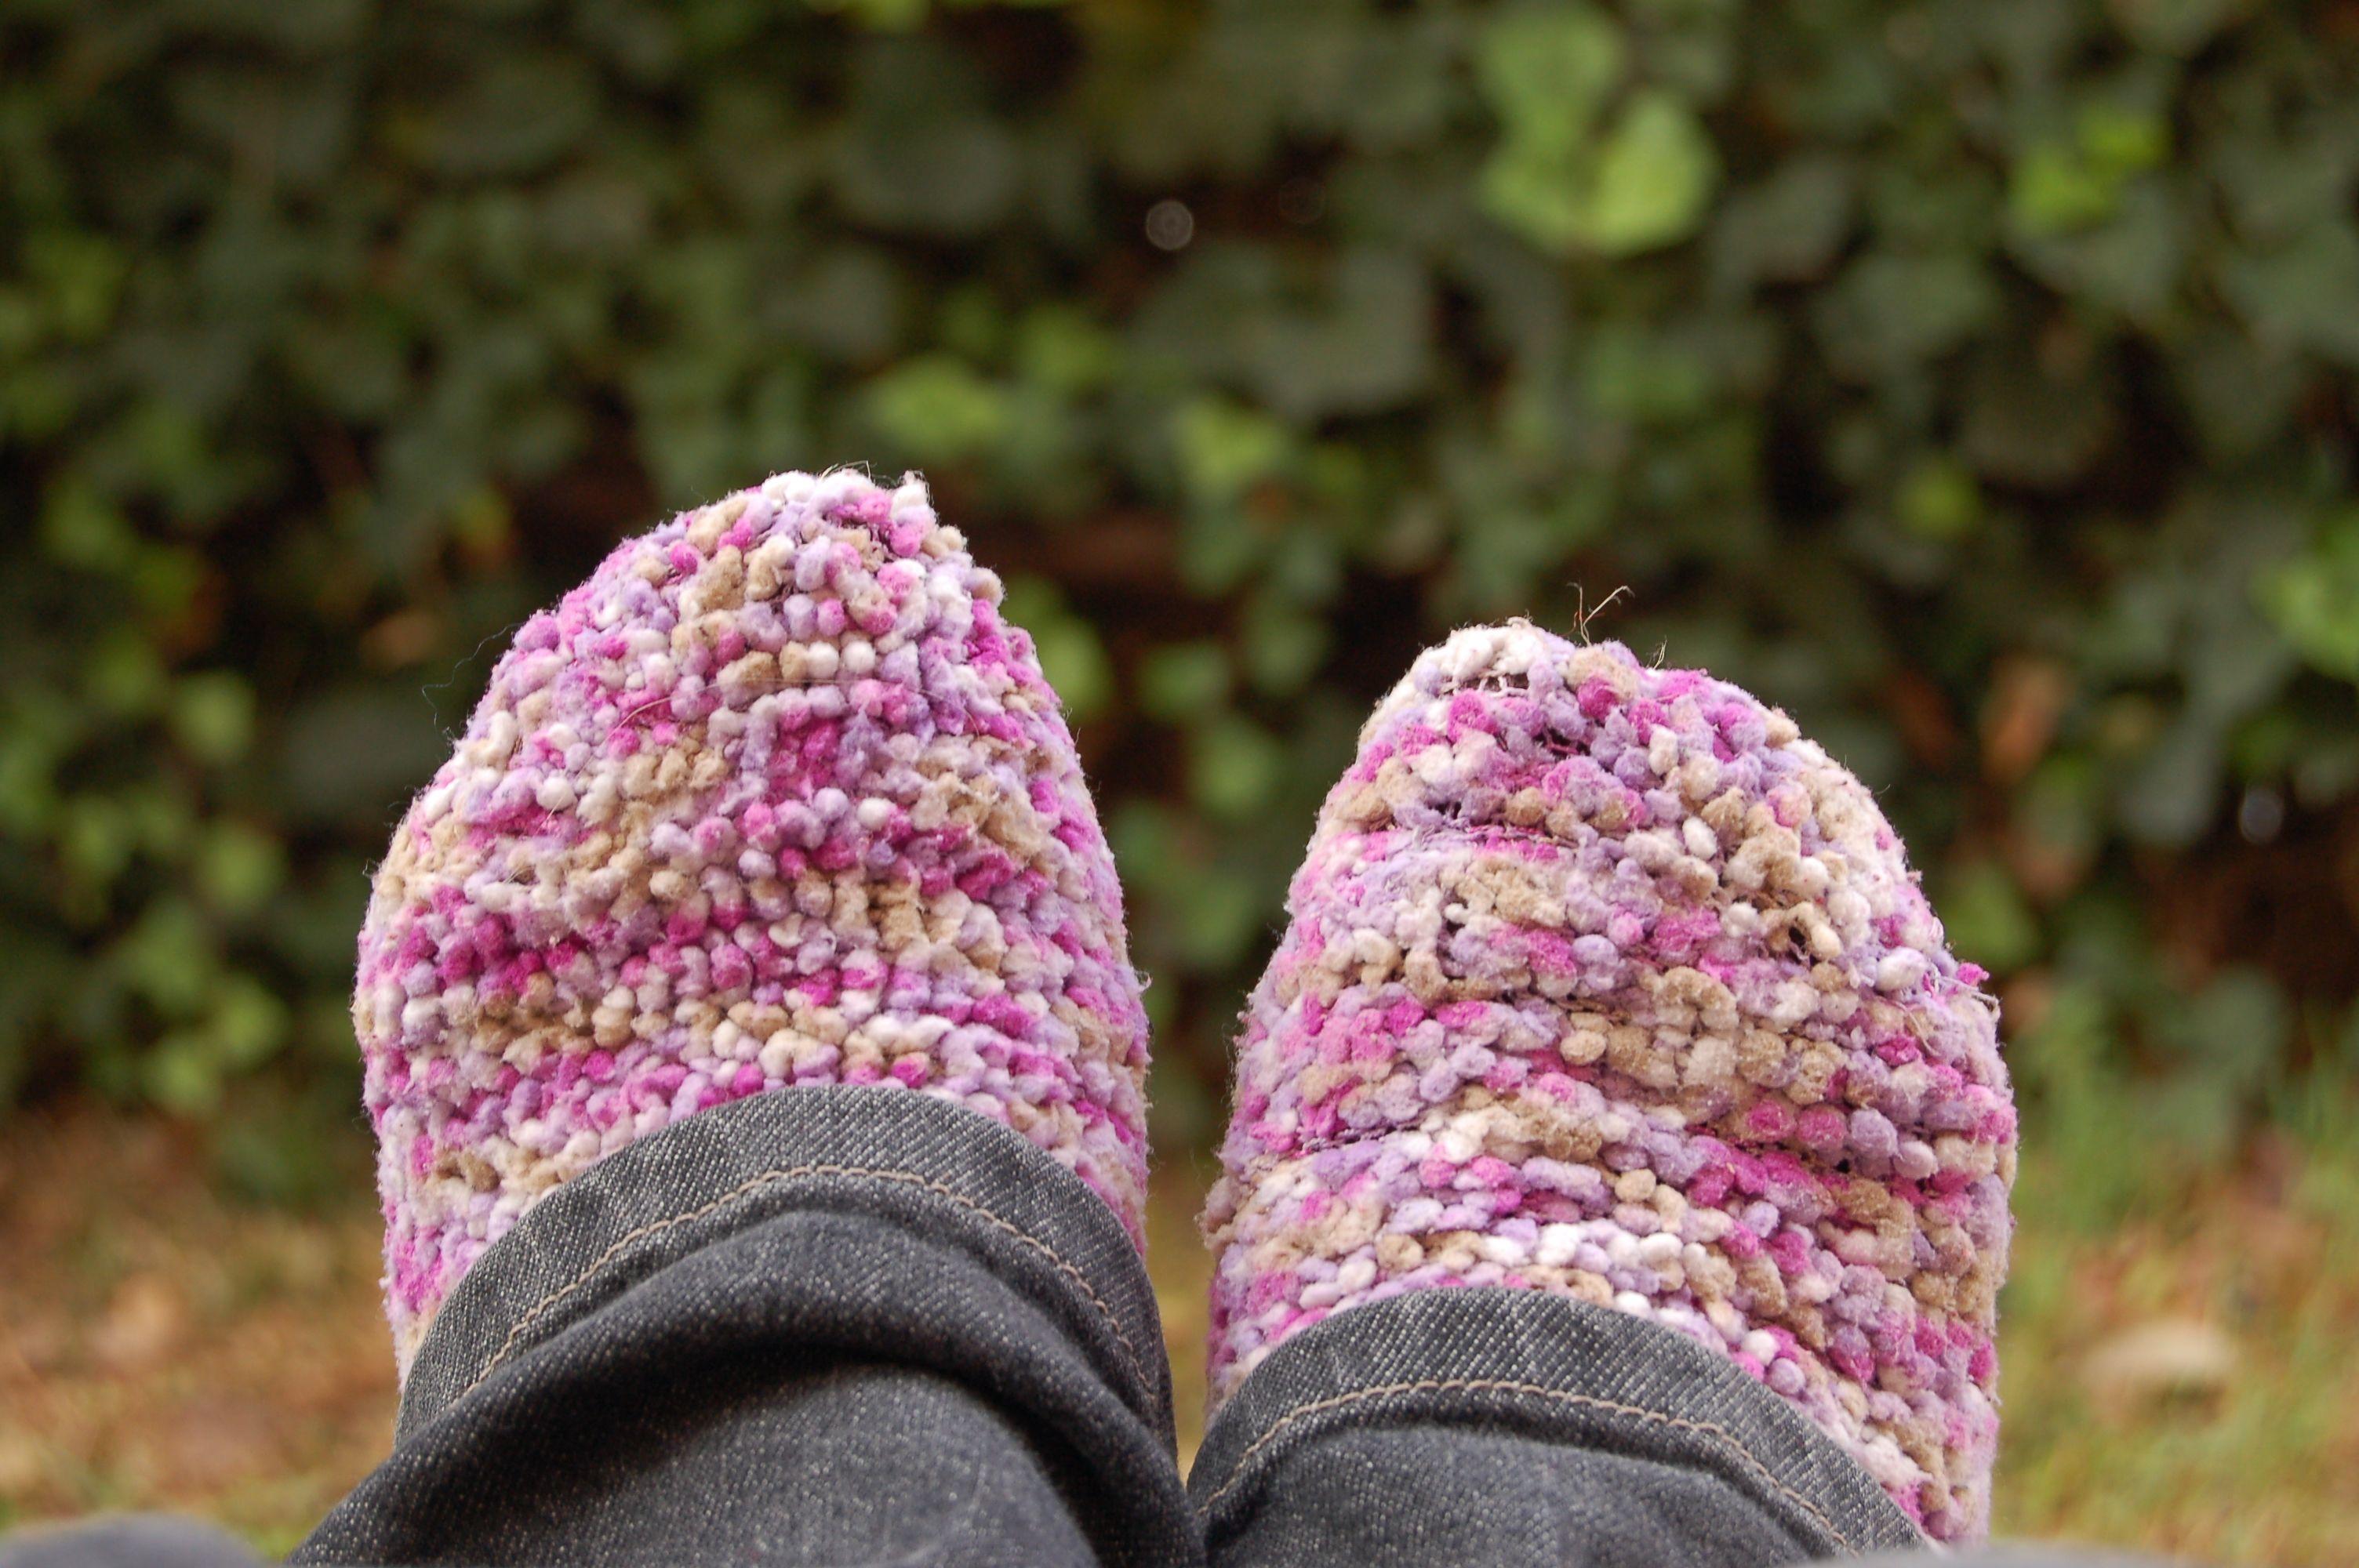 warm, fuzzy socks!